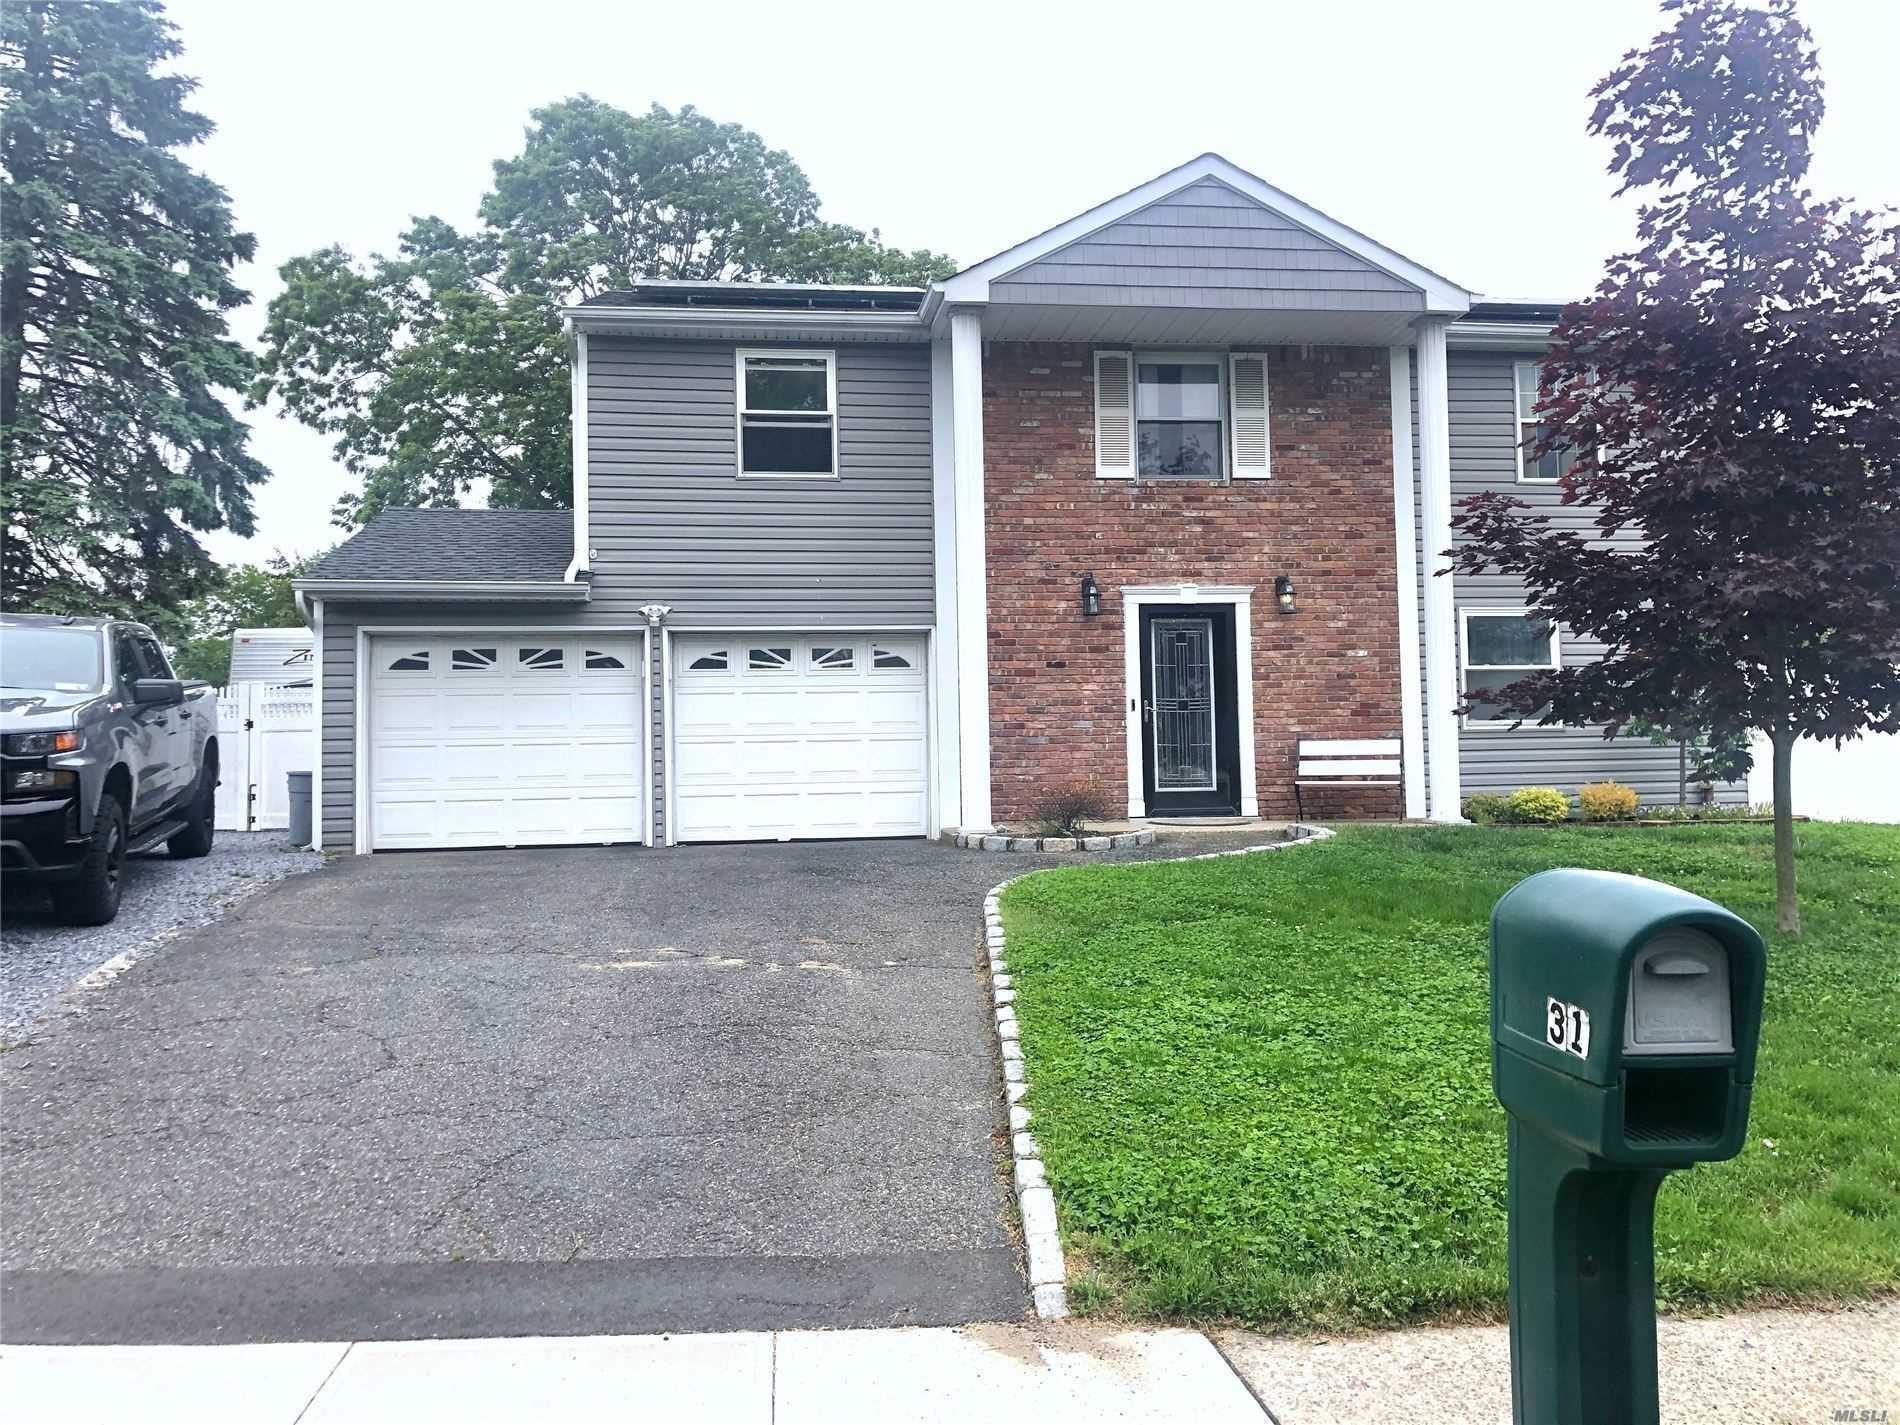 31 Belair Rd, Selden, NY 11784 - MLS#: 3218168